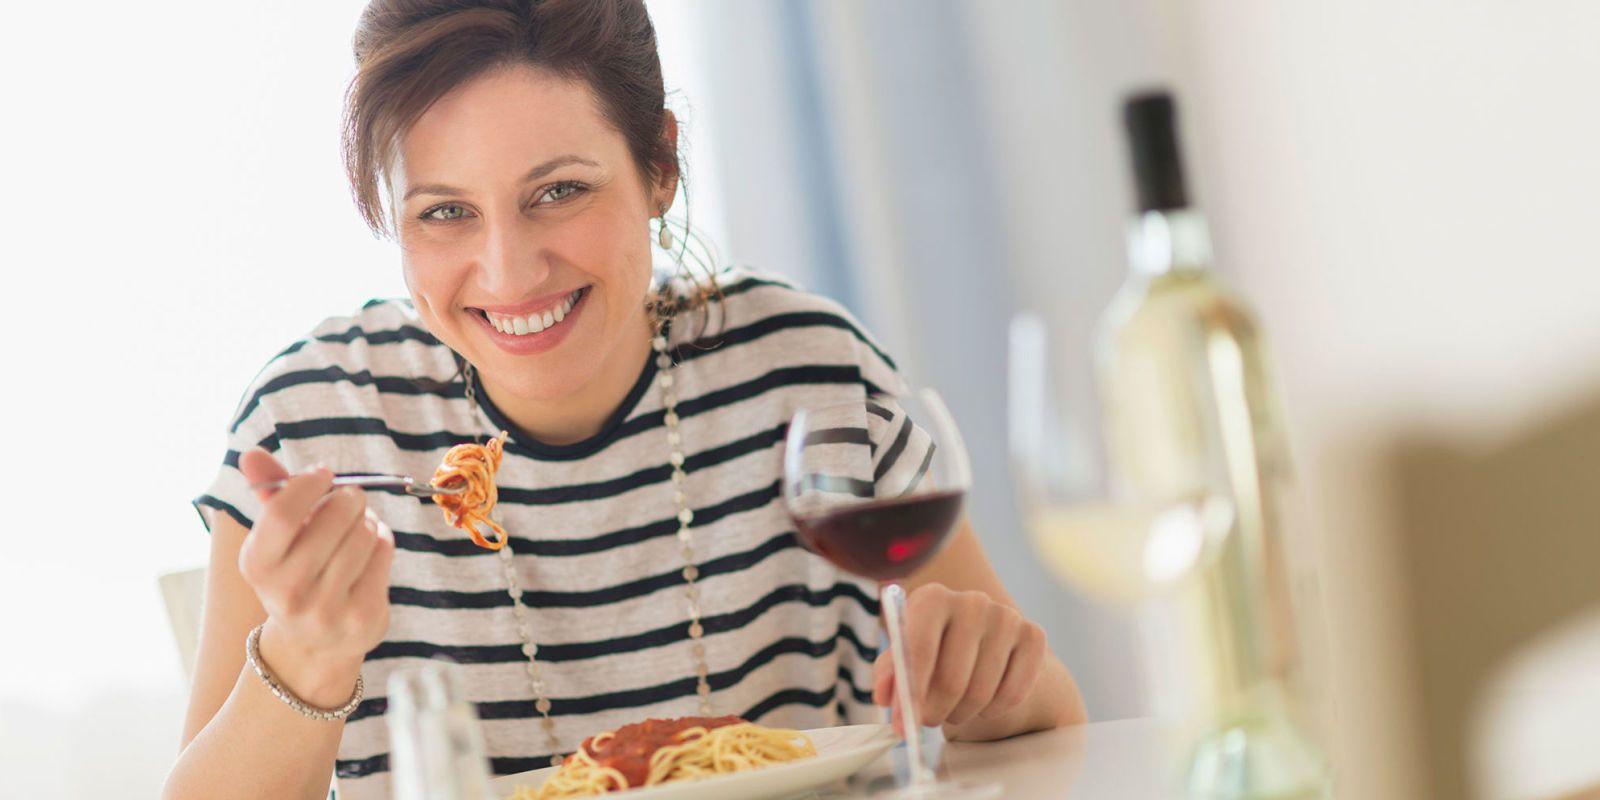 cosa posso mangiare oggi a cena se sono a dieta?